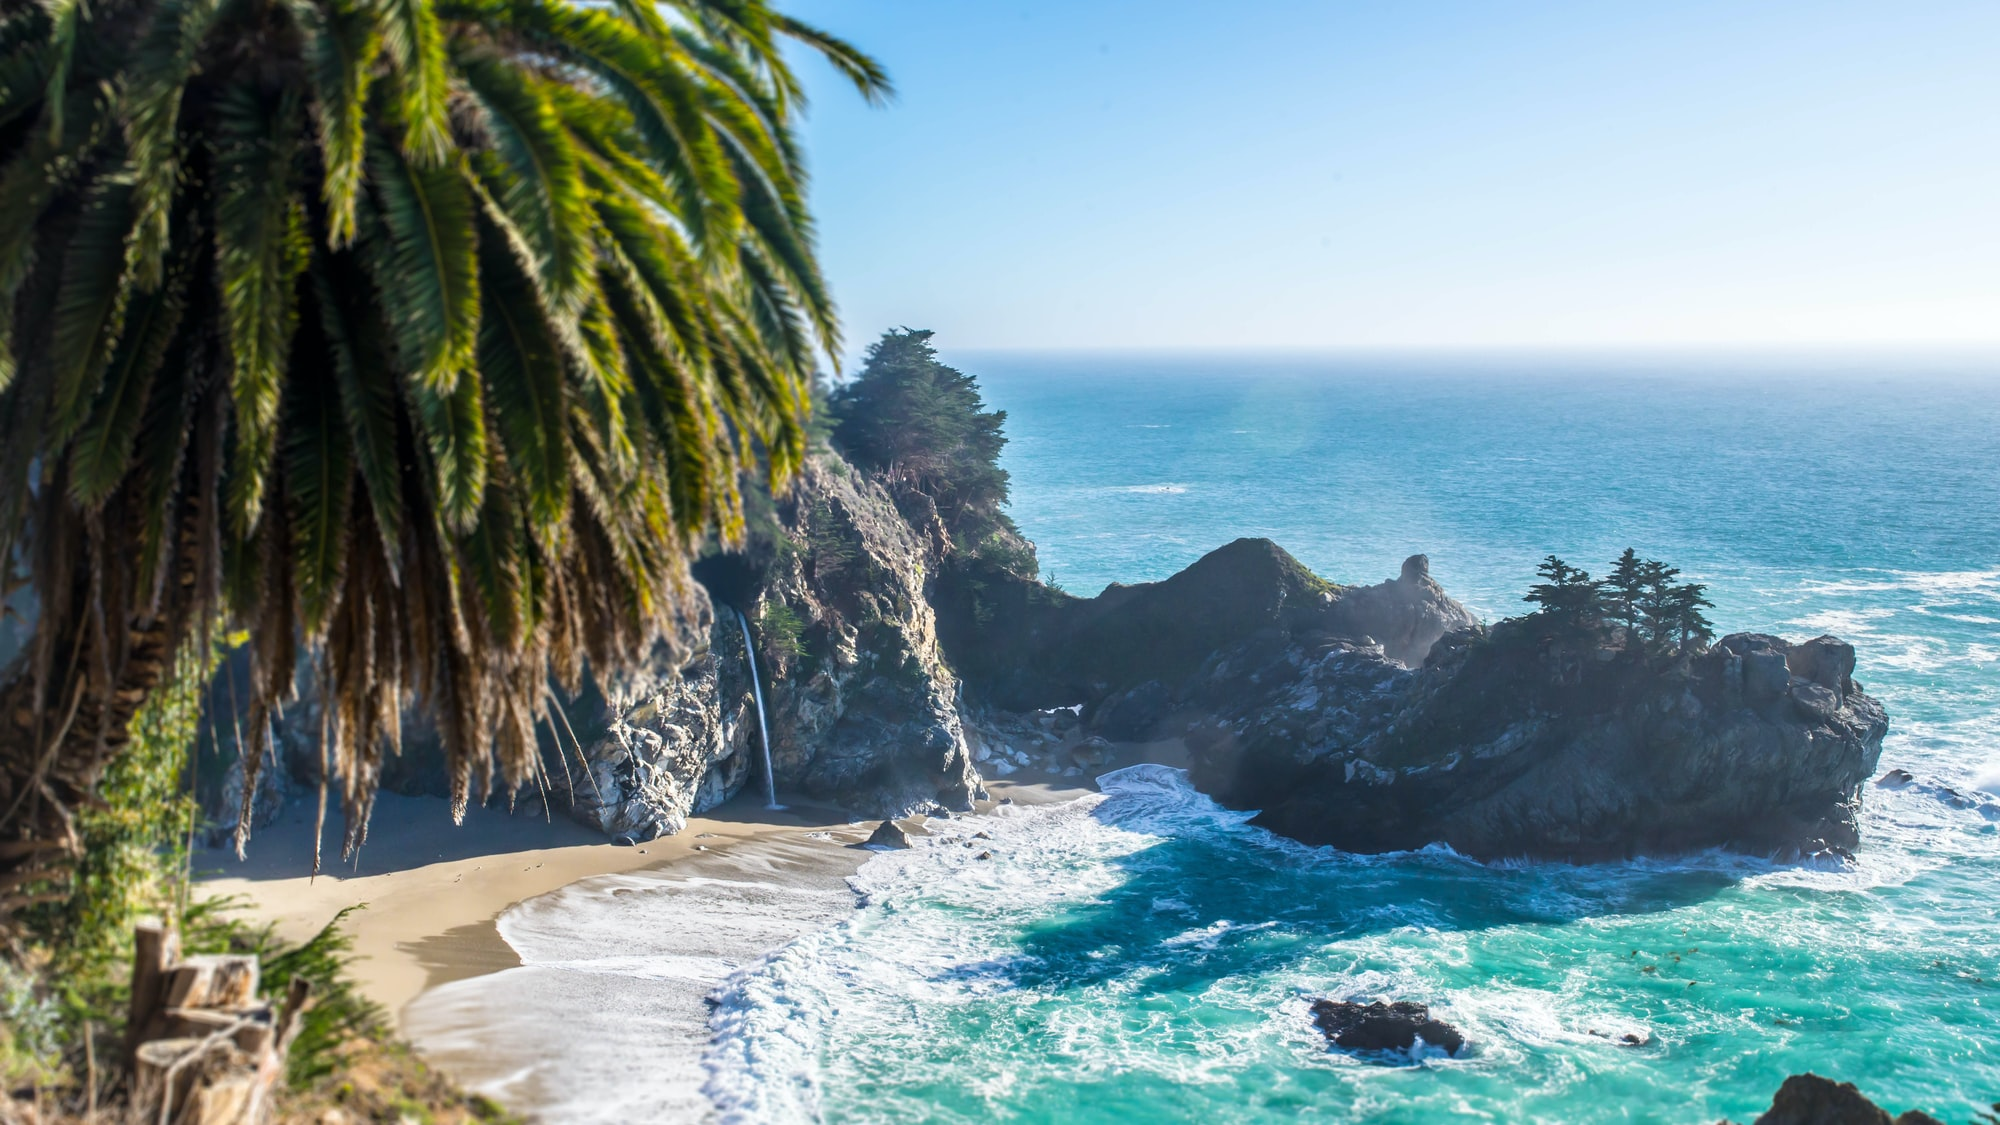 Ocean bay view